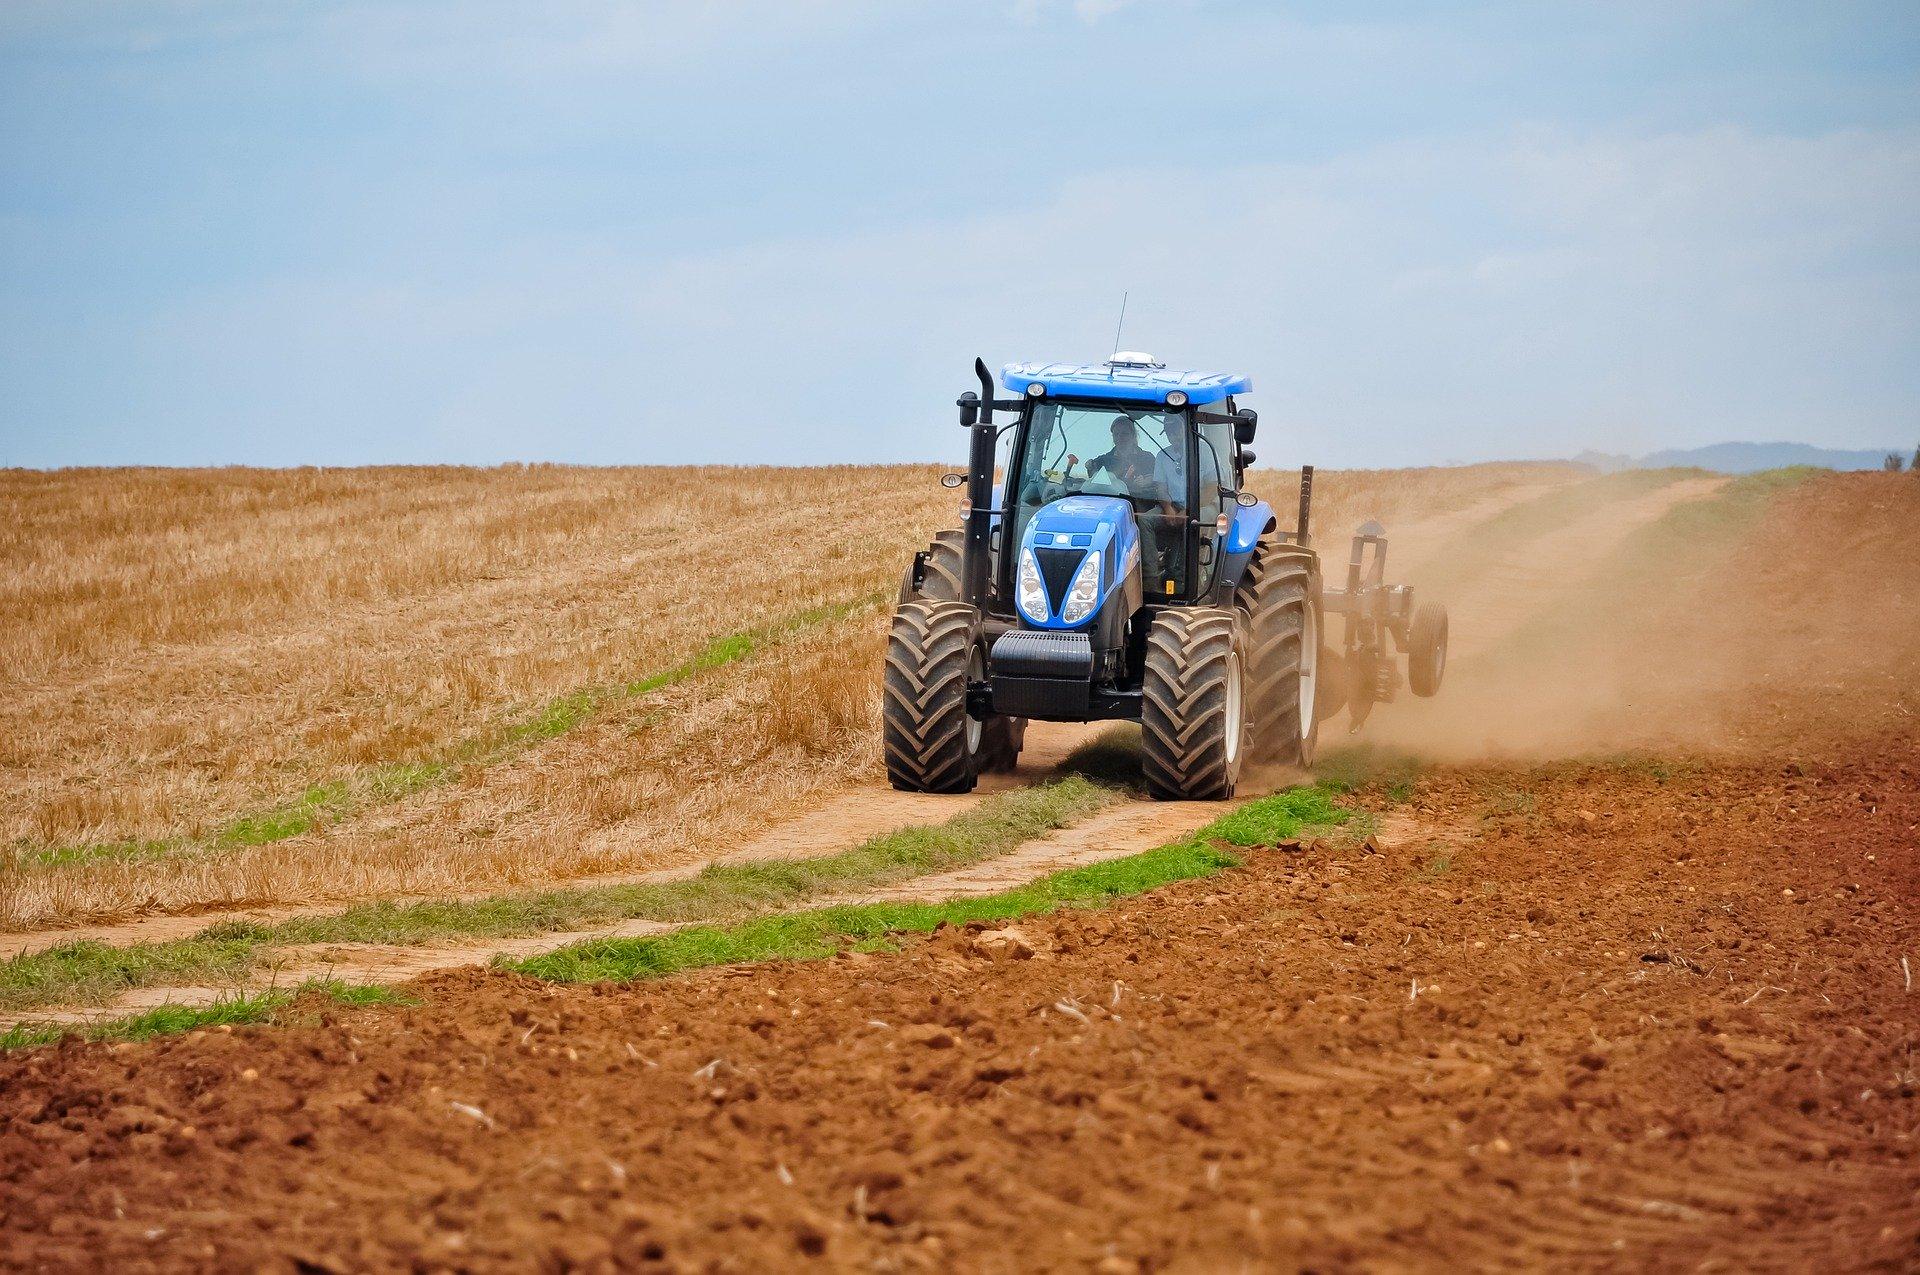 Na Hmelnychchyni Zgoriv Traktor Mtz 80